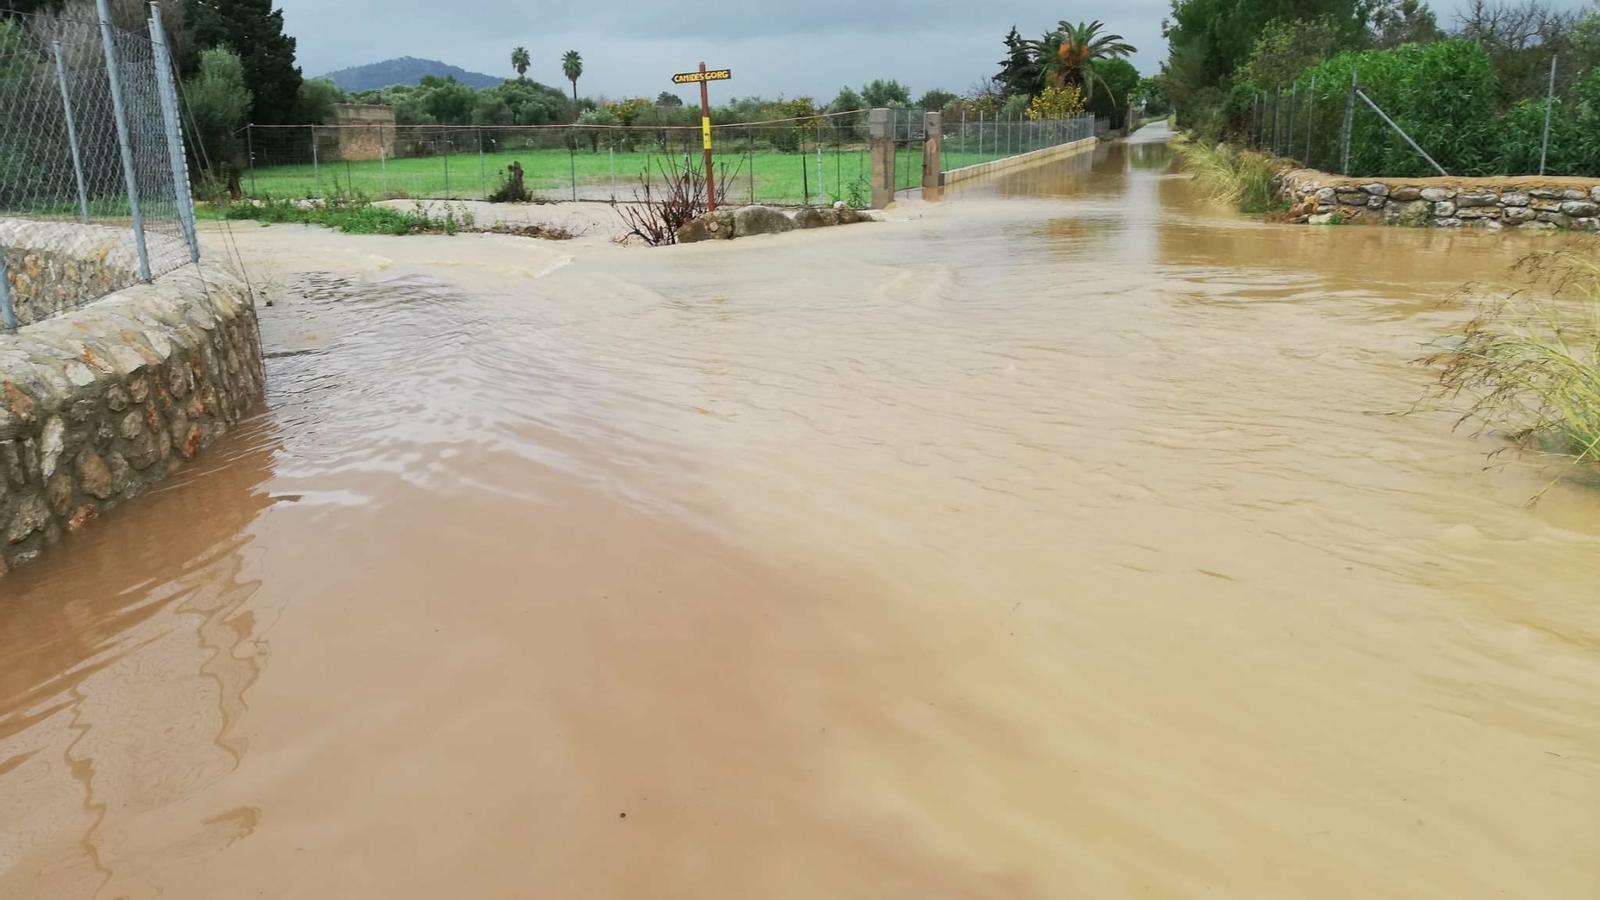 Imatge d'una carretera inundada aquest dimecres. / TWITTER